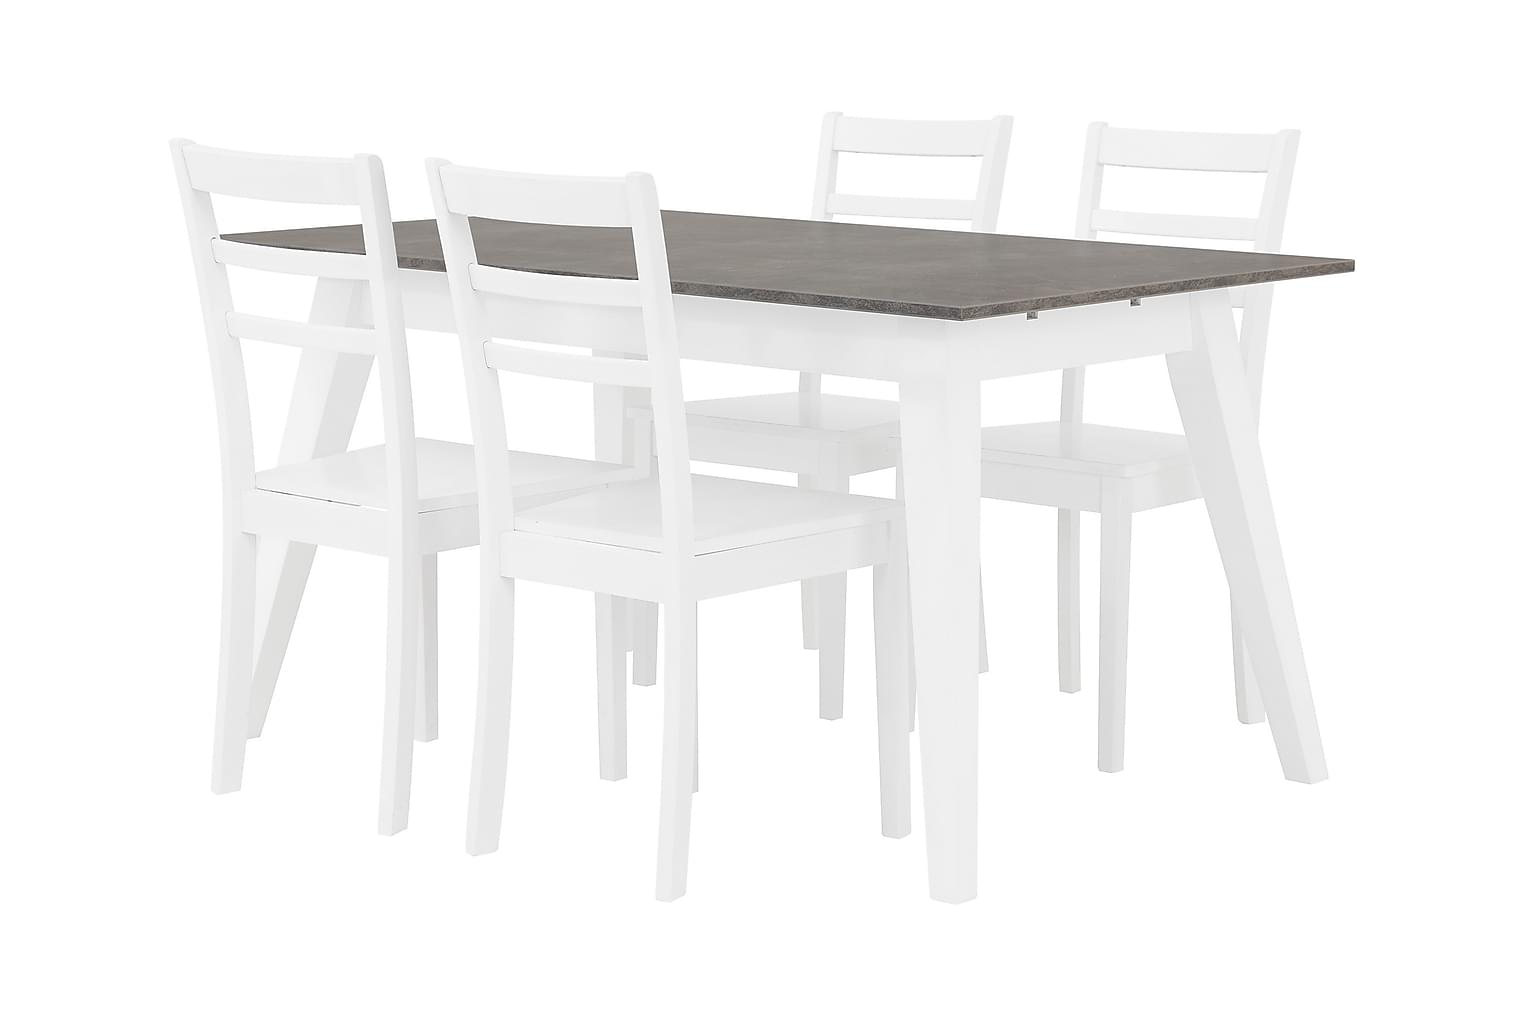 GRIMSTAD Pöytä 140 Betoni/Valkoinen + 4 SJÖBERG Tuoli Valkoi